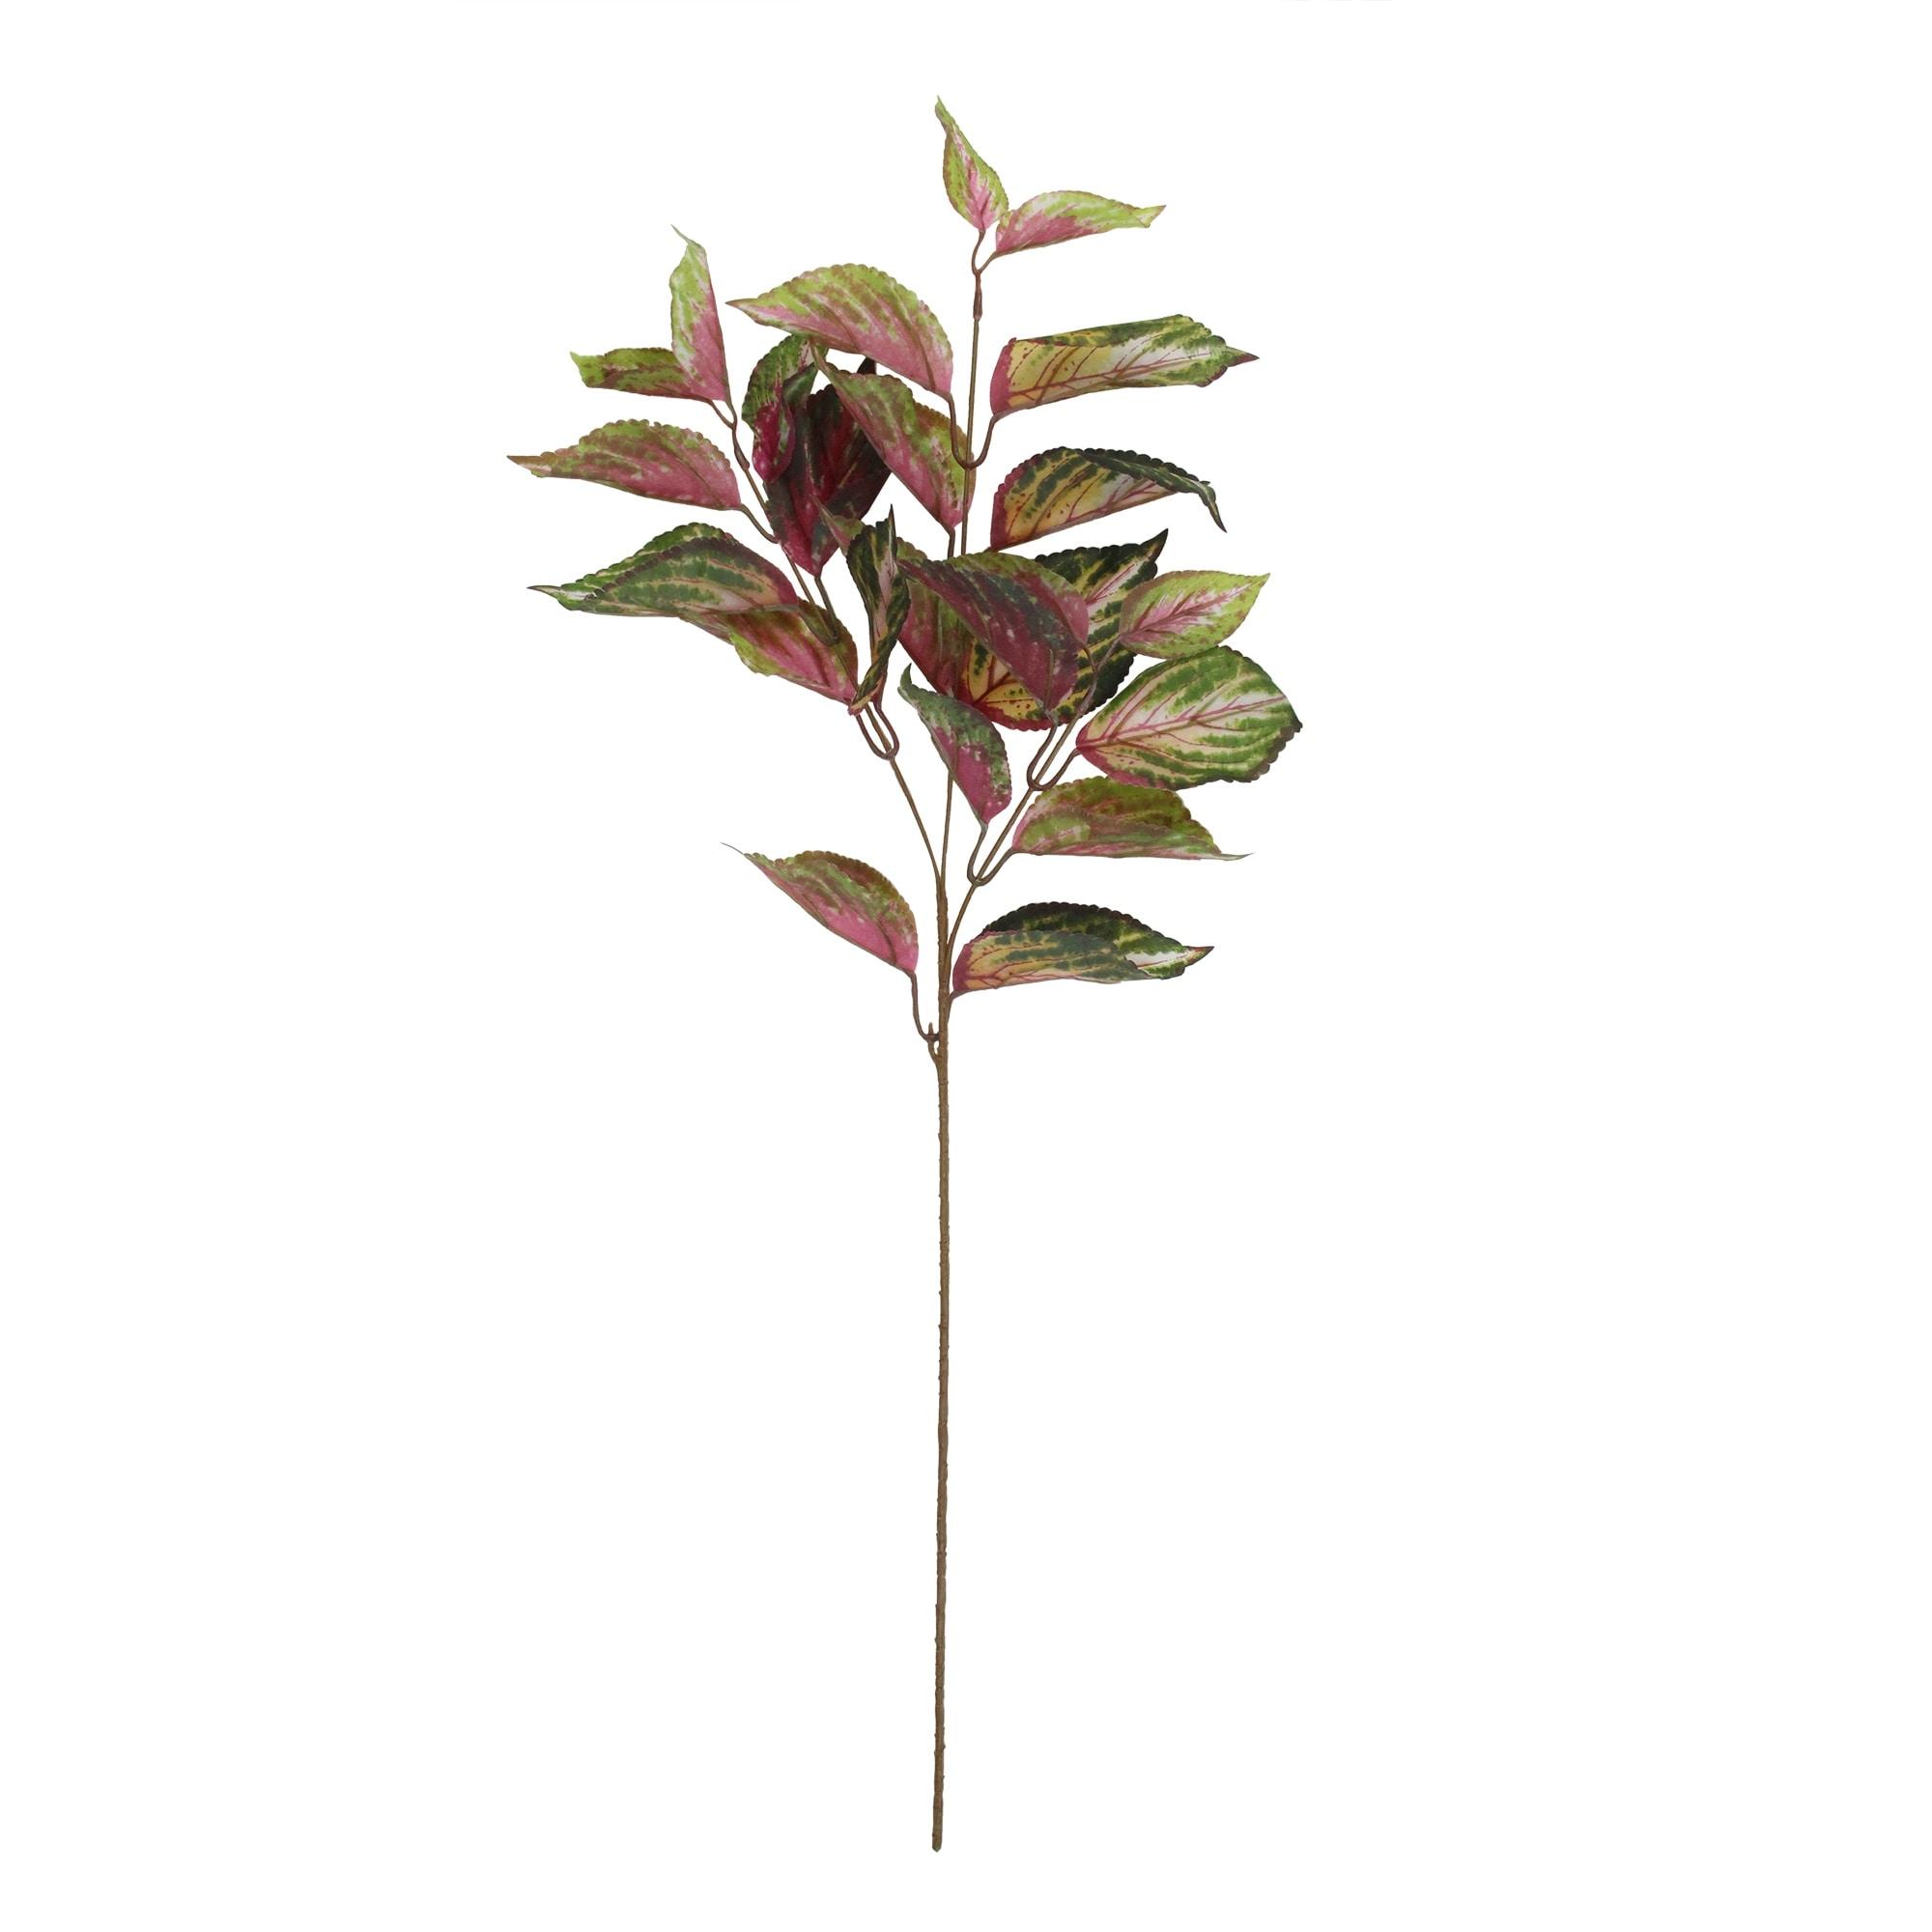 30 Purple And Green Ornamental Coleus Realistic Feel Leaf Spray - N/A